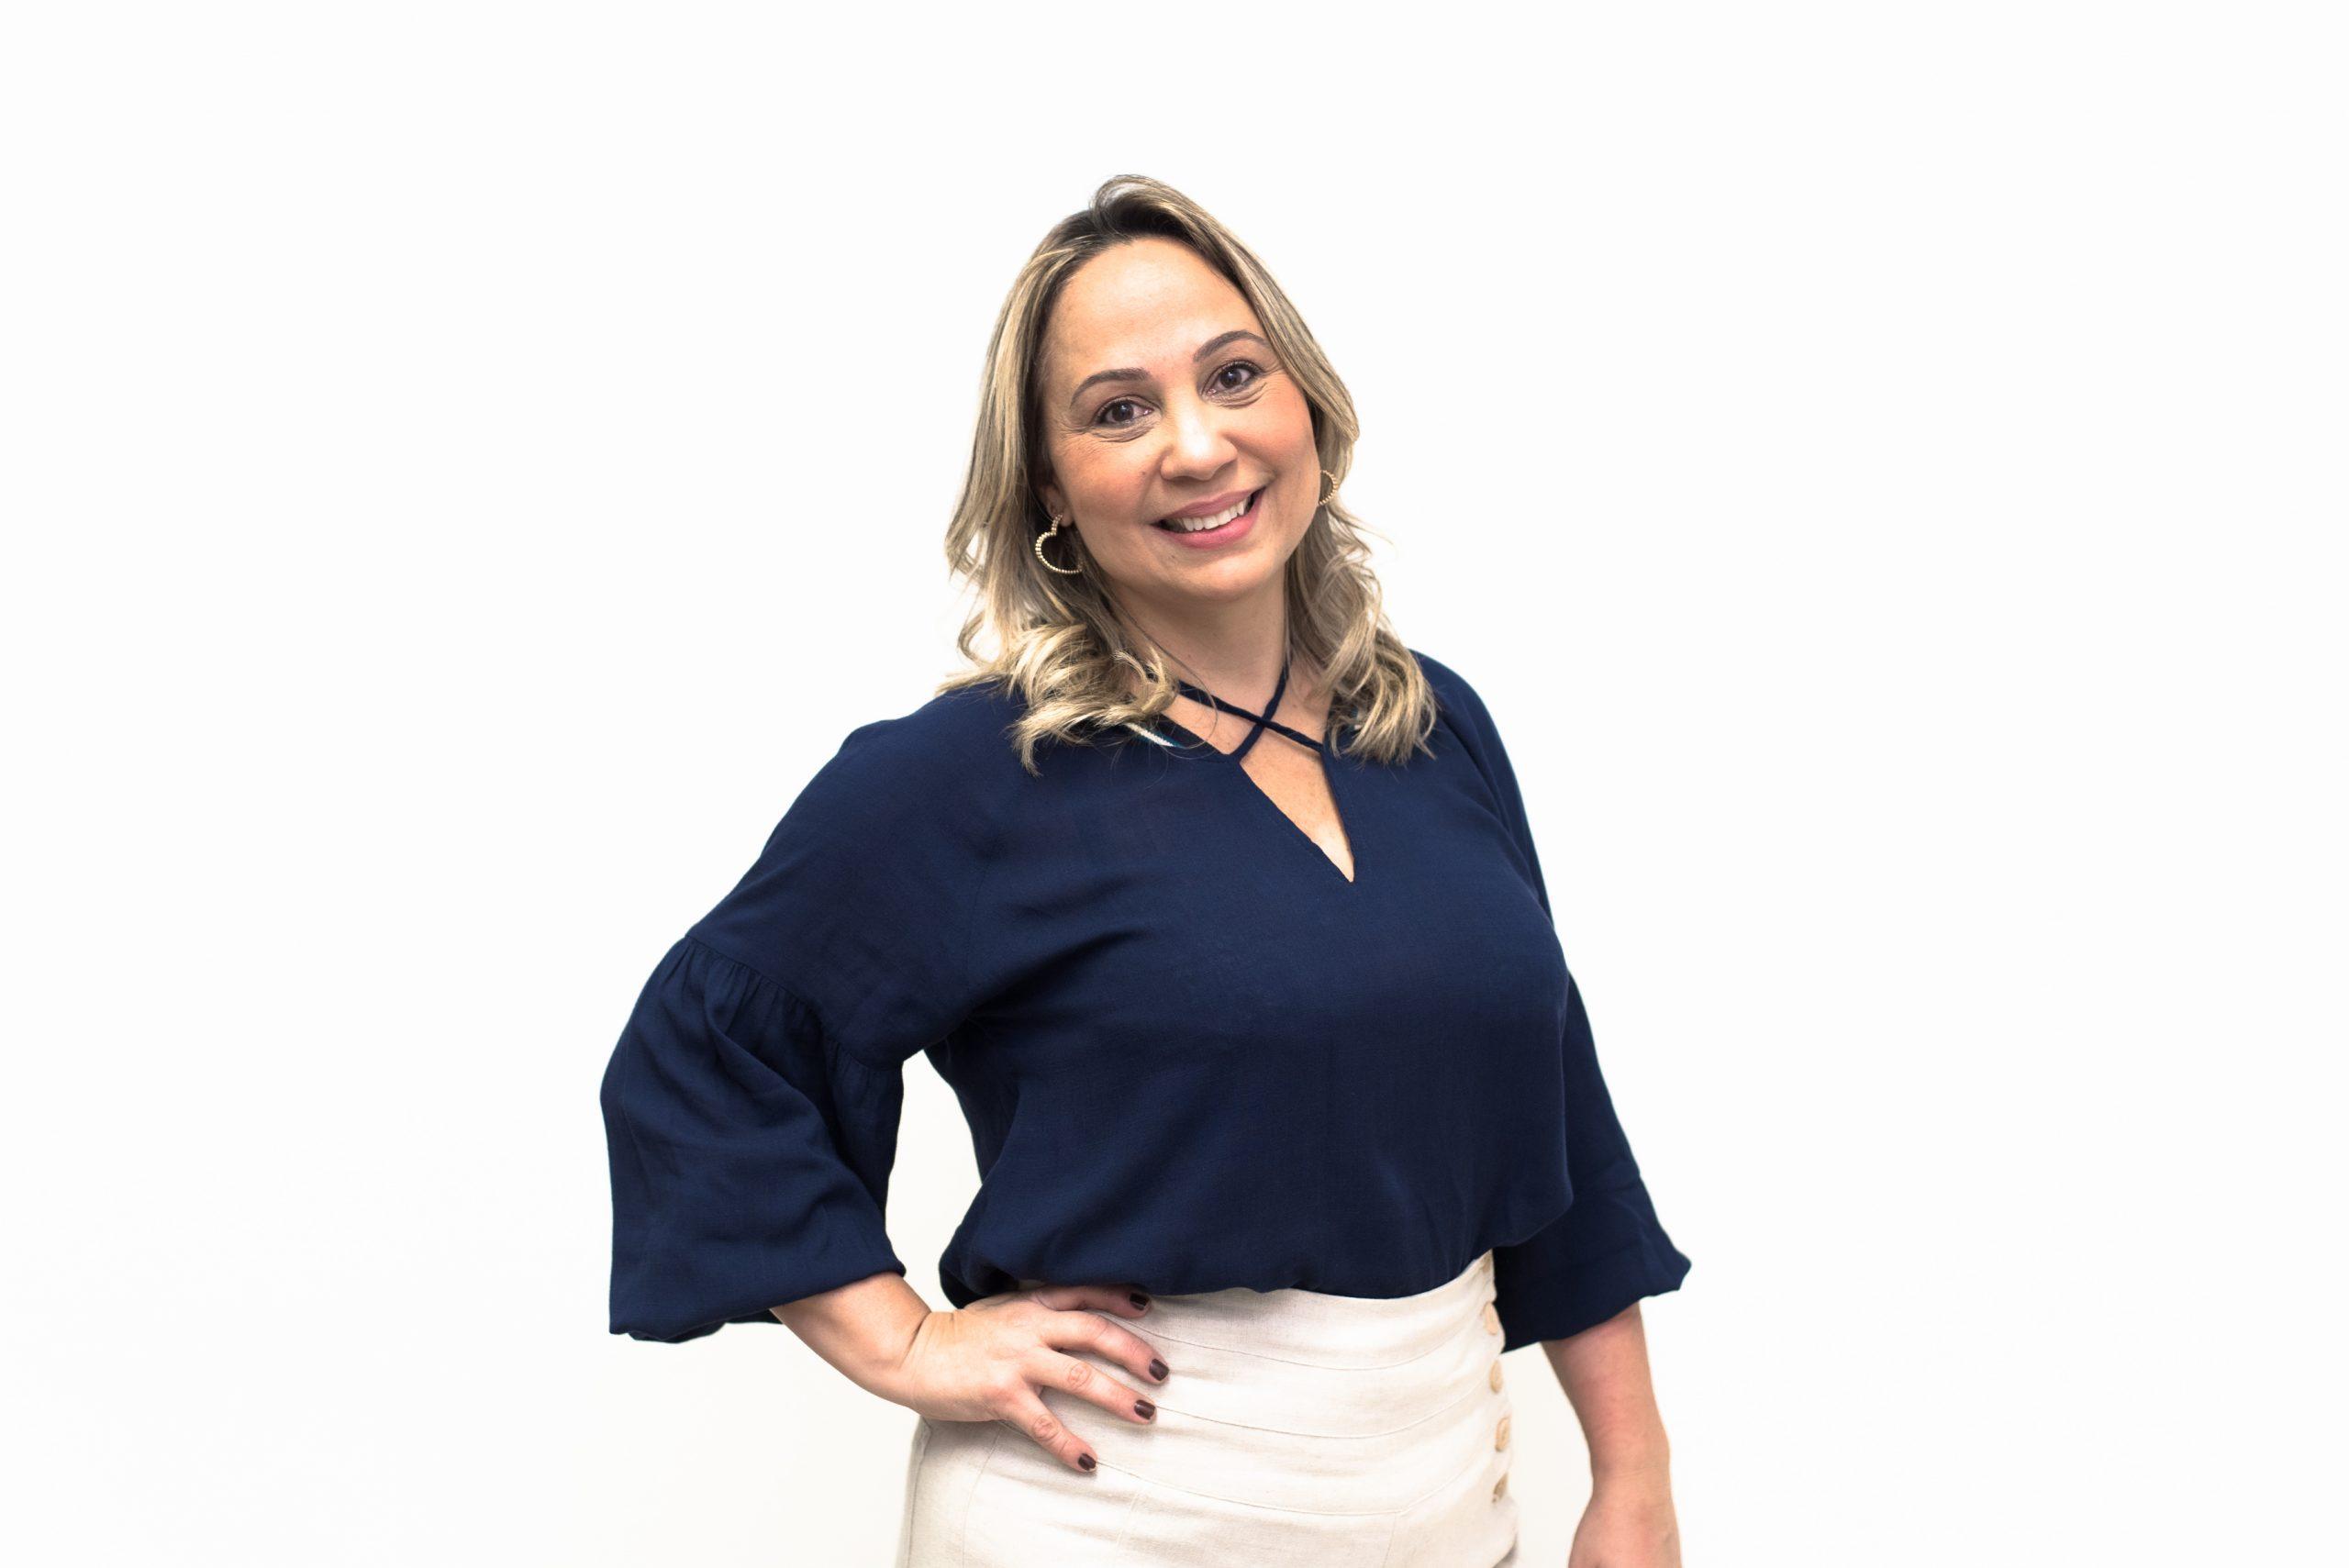 Empreendedorismo feminino: conheça a história de Glauce Santos, que transformou a sua vida no mercado imobiliário